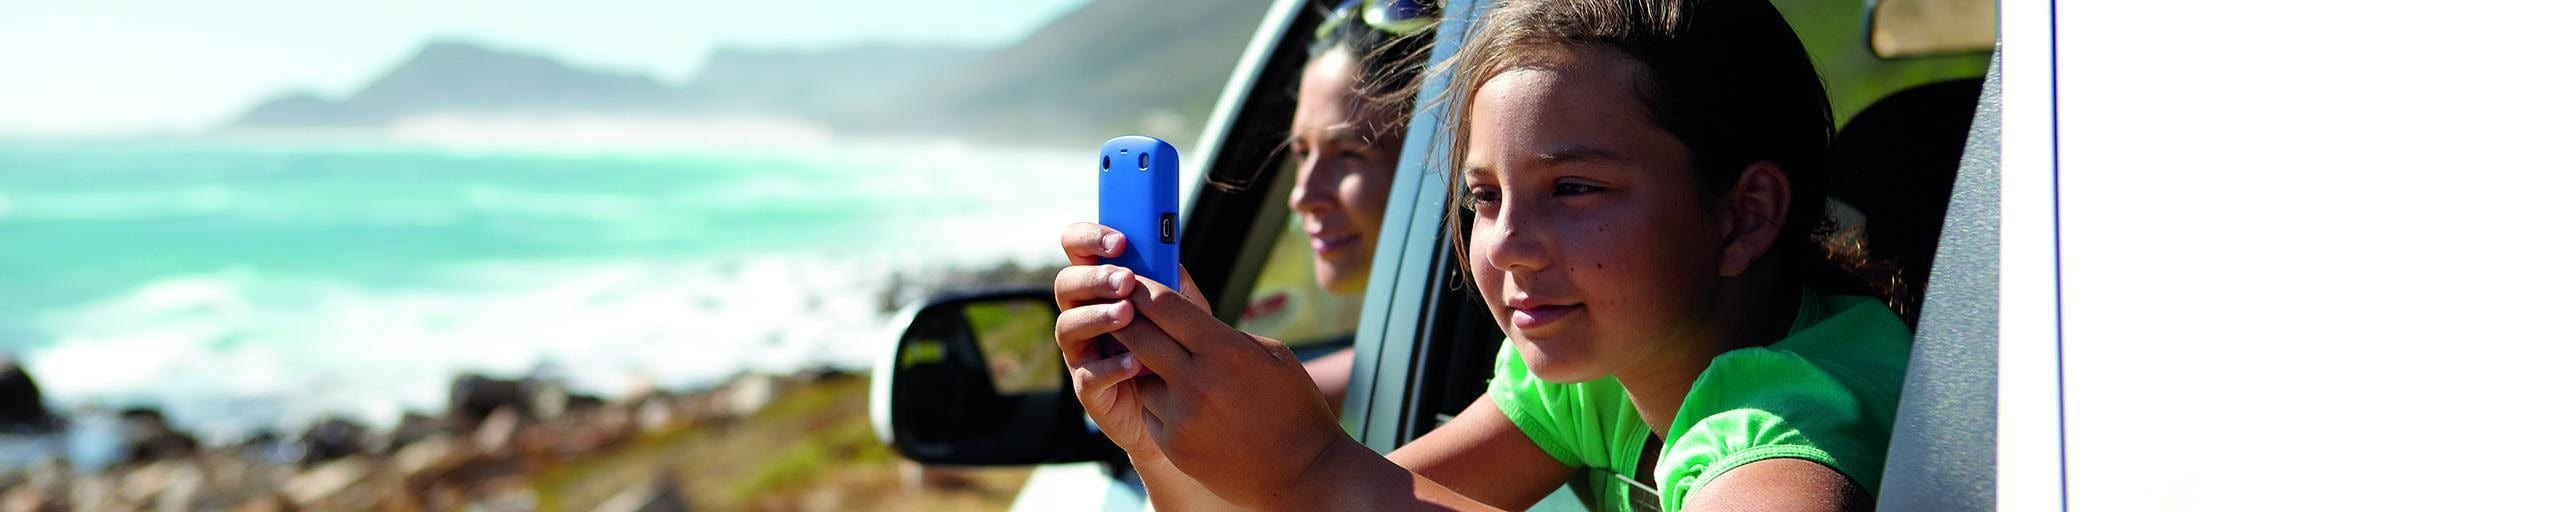 Enfant avec téléphone portable dans la voiture